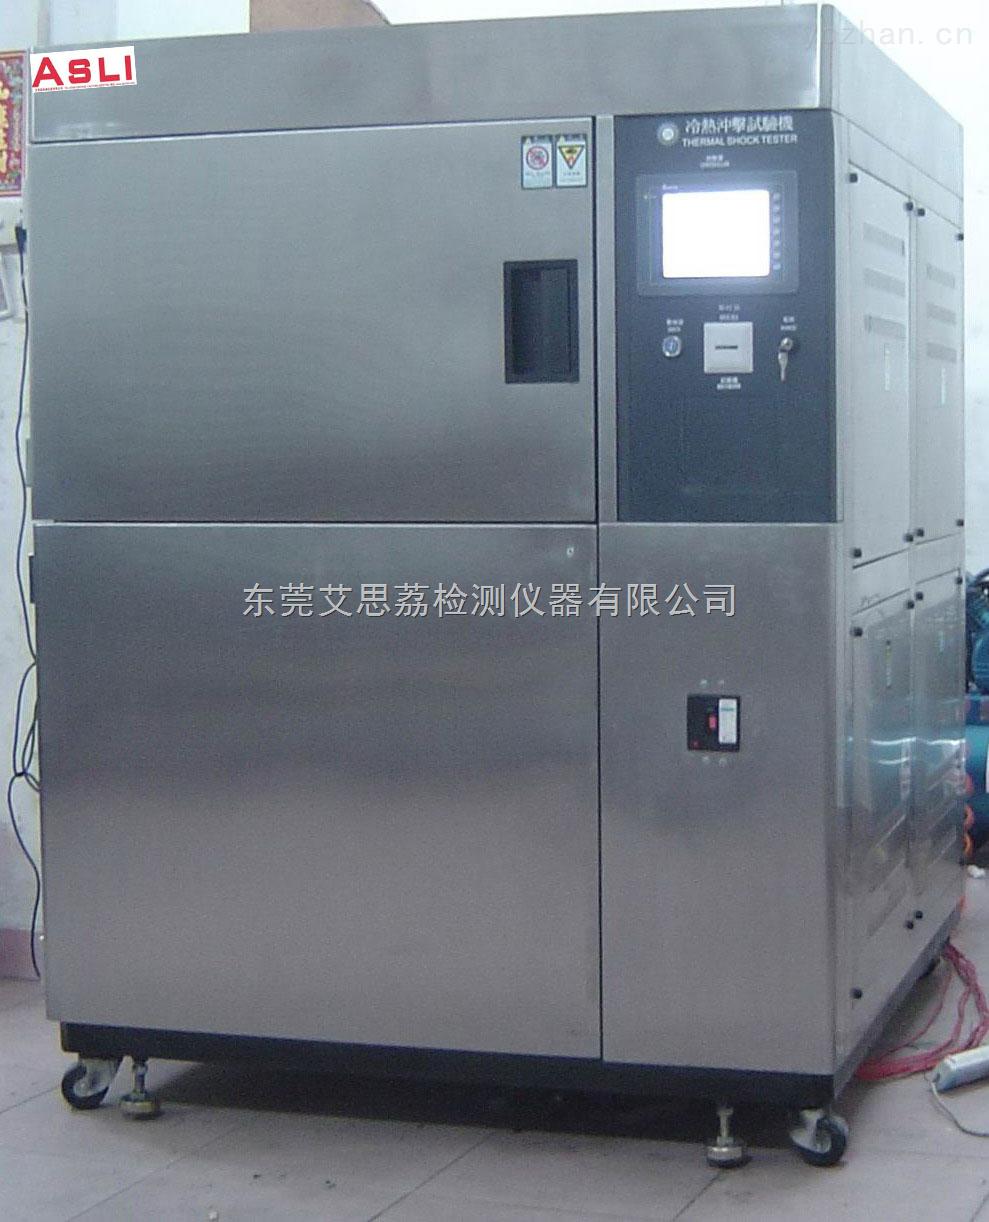 大型冲击试验低温仪价格 掌握核心技术,质量保障 高品质